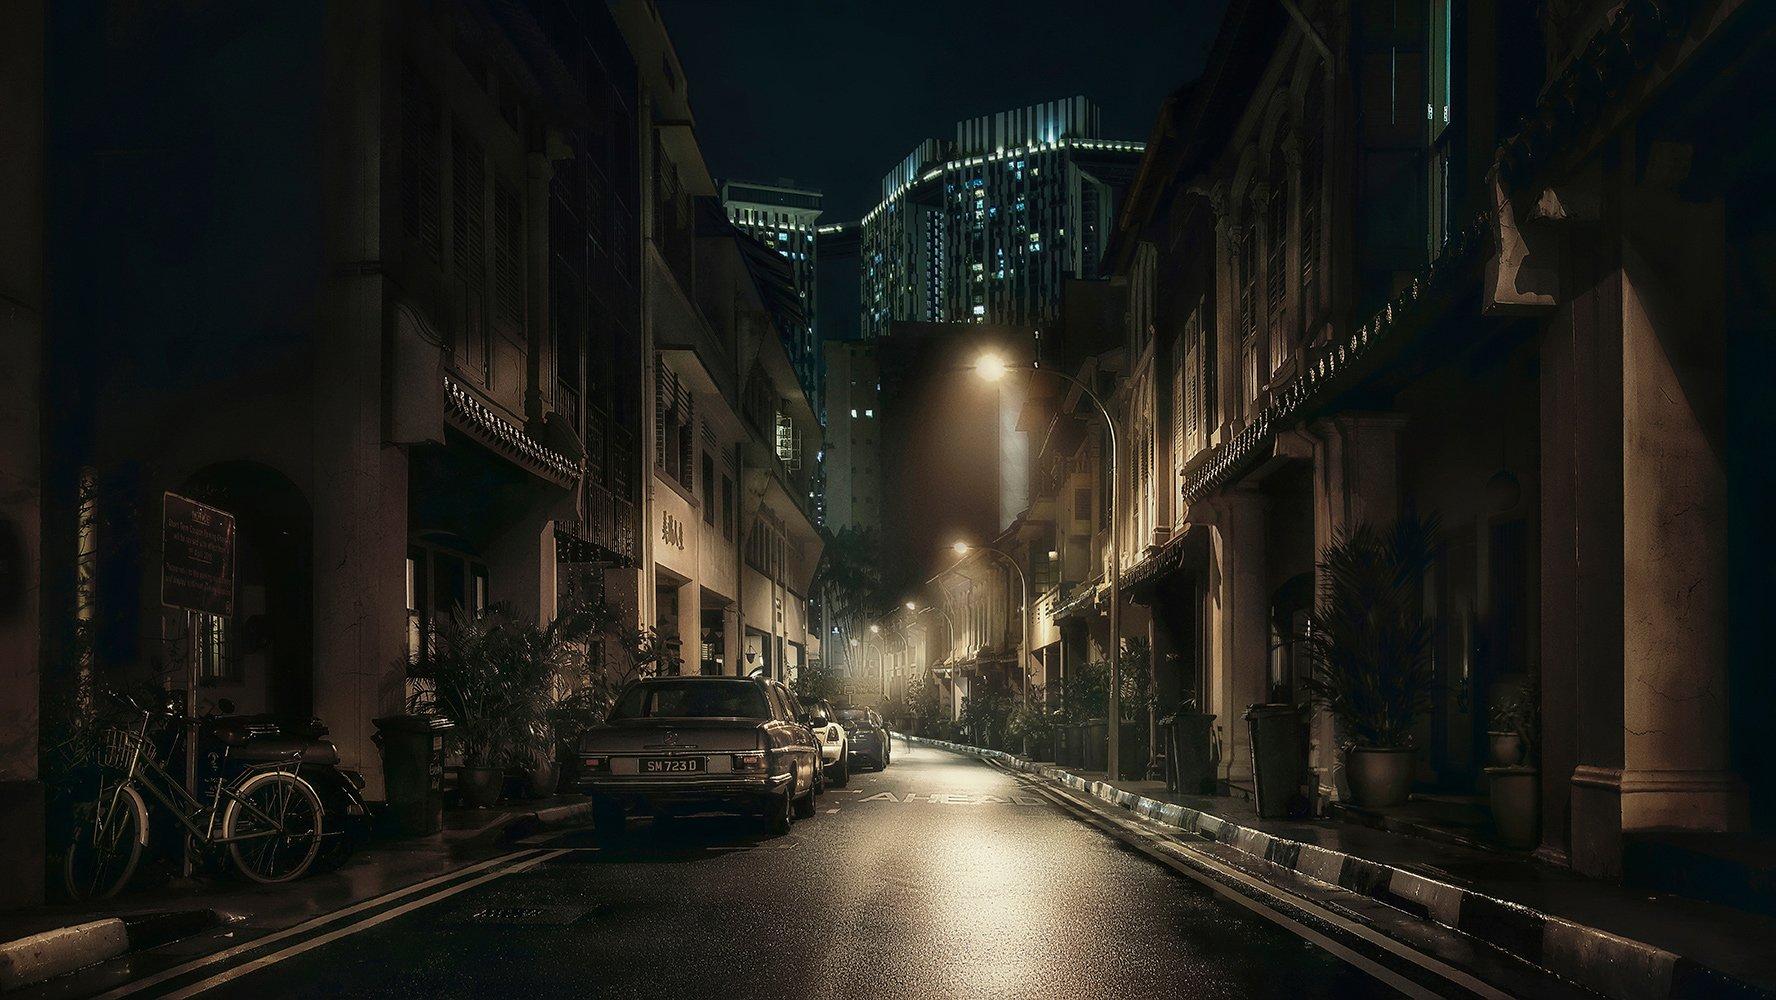 город, ночь, улица, фонари, туман, Сингапур, азия, Алексей Ермаков